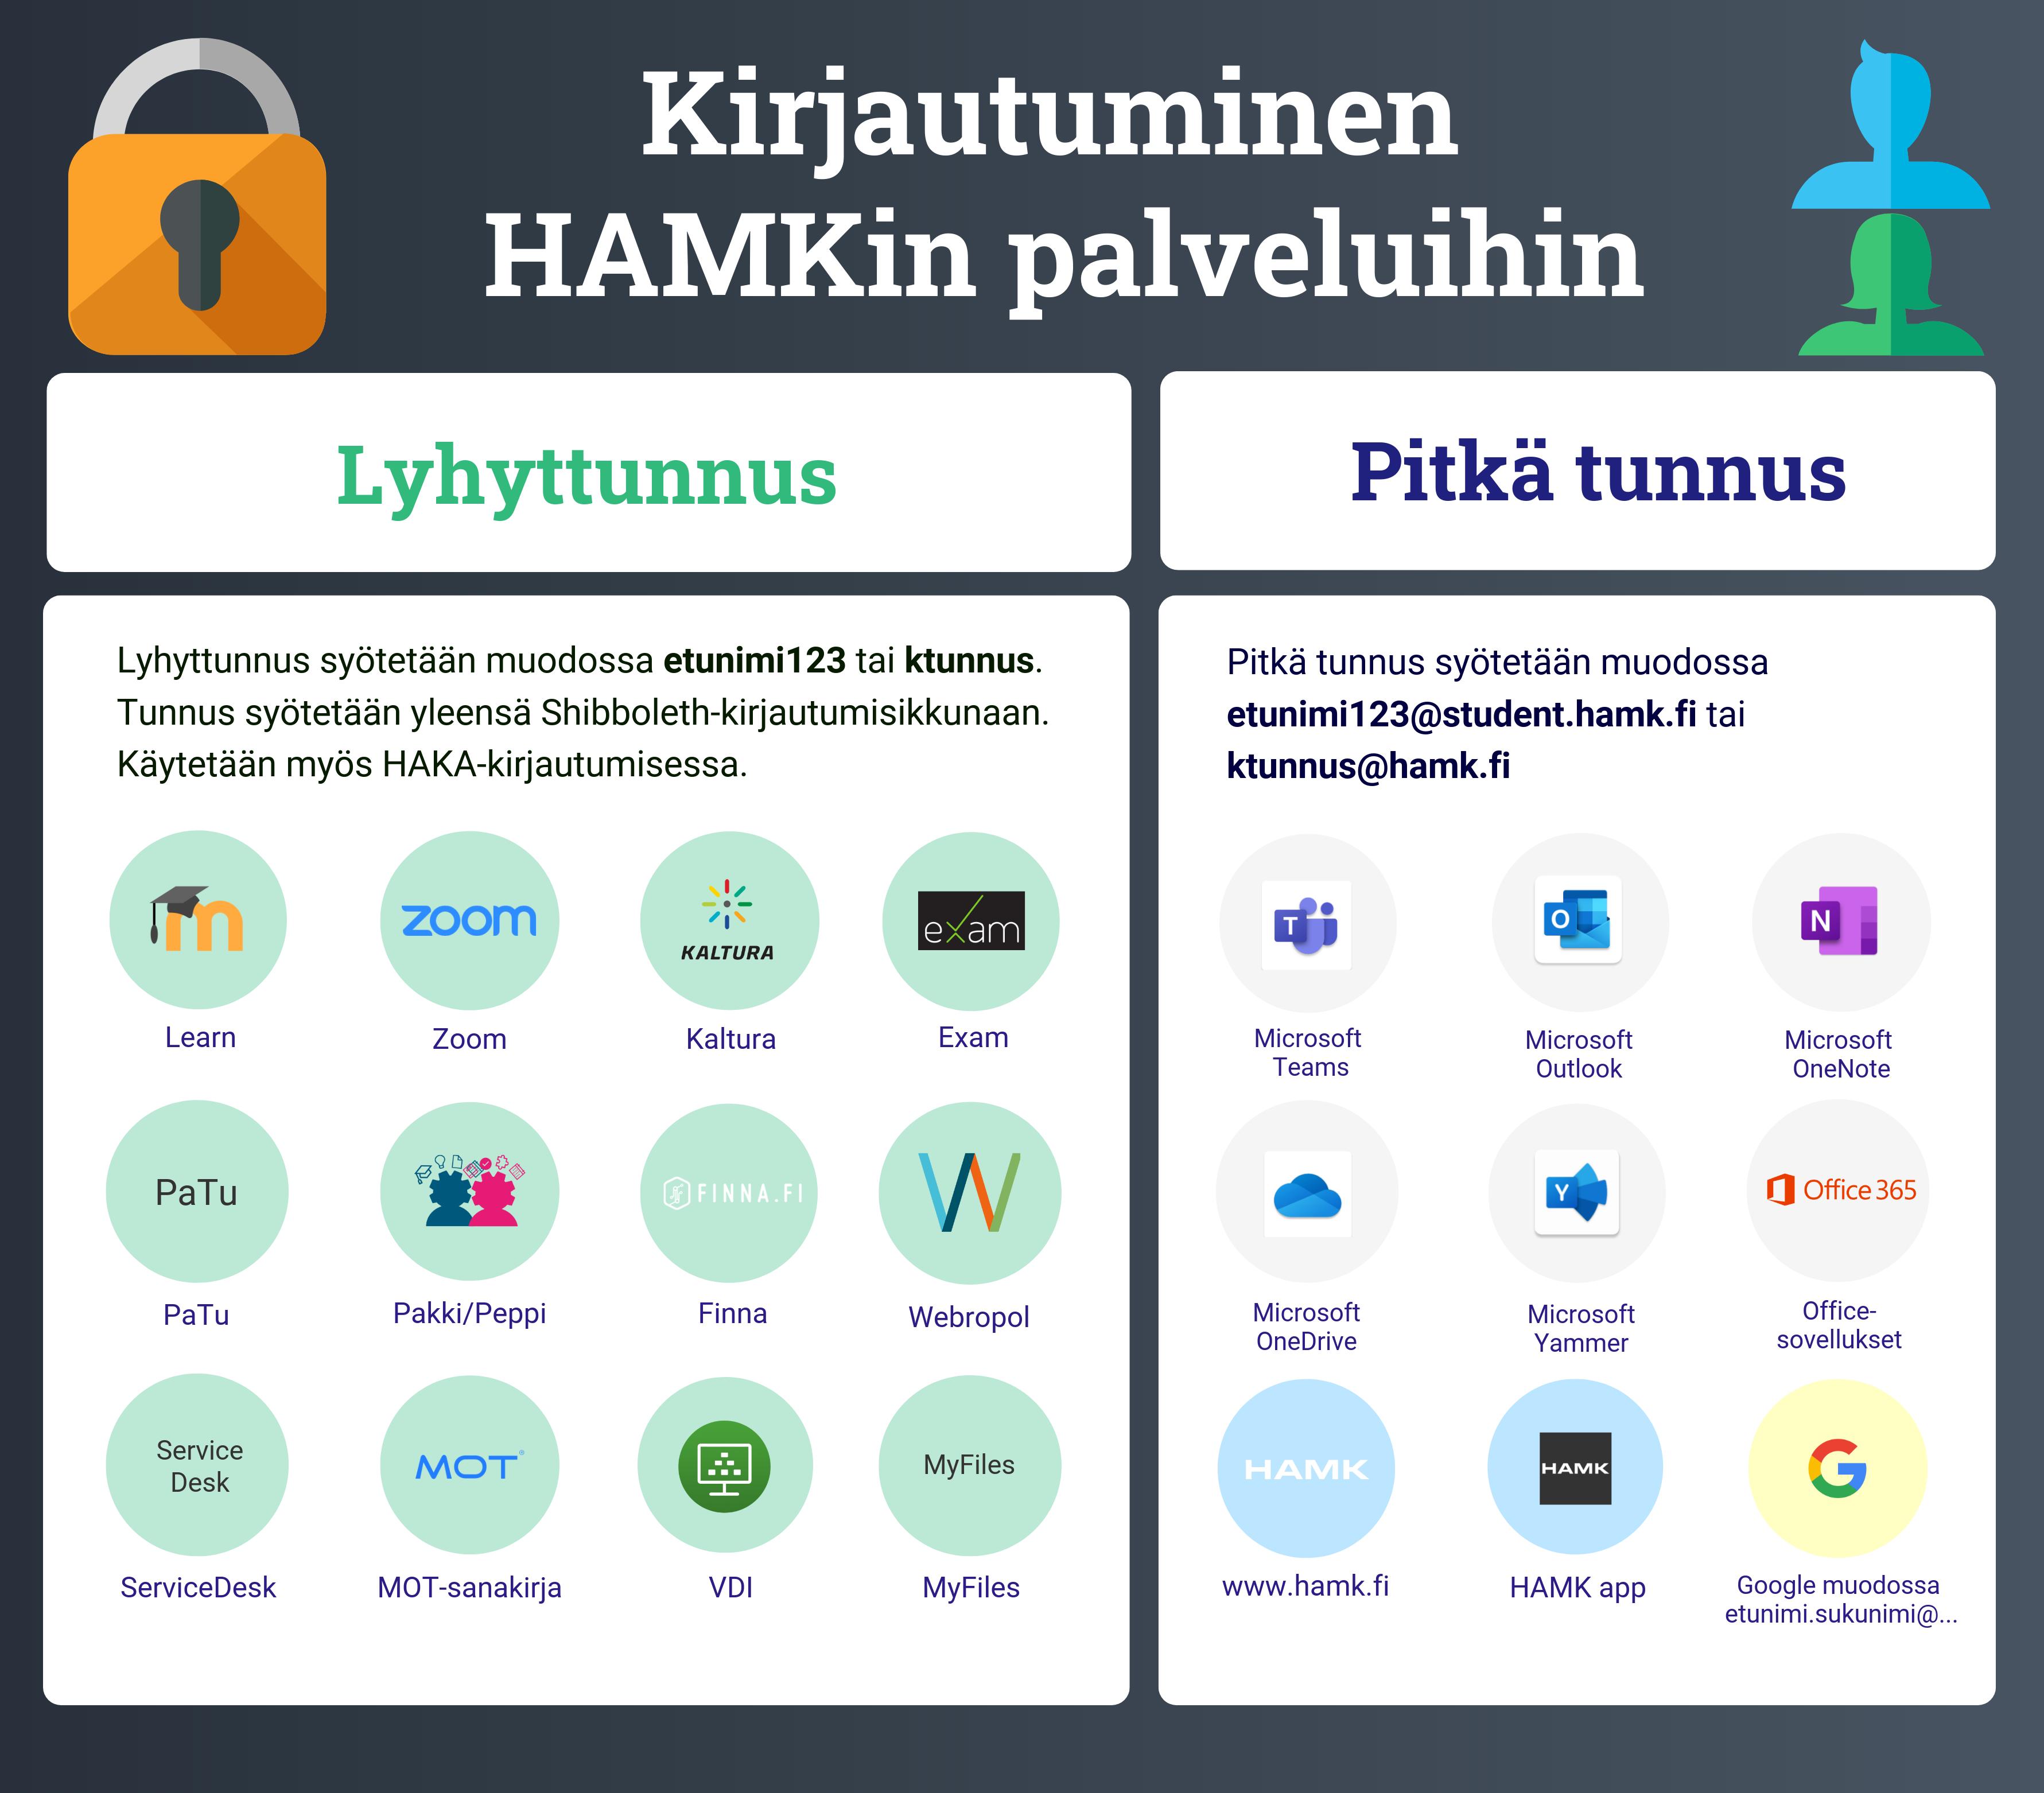 HAMKin tunnukset eri palveluissa. Lyhyttä tunnusta käytetään seuraavissa palveluissa: Learn, Zoom, Kaltura, Exam, PaTu, Pakki/Peppi, Finna, Webpropol, ServiceDesk, MOT-sanakirja, VDI ja MyFiles. Pitkää tunnustä käytetään seuraavissa: Microsoftin palveluissa, www.hamk.fi, Hamk app ja Google.